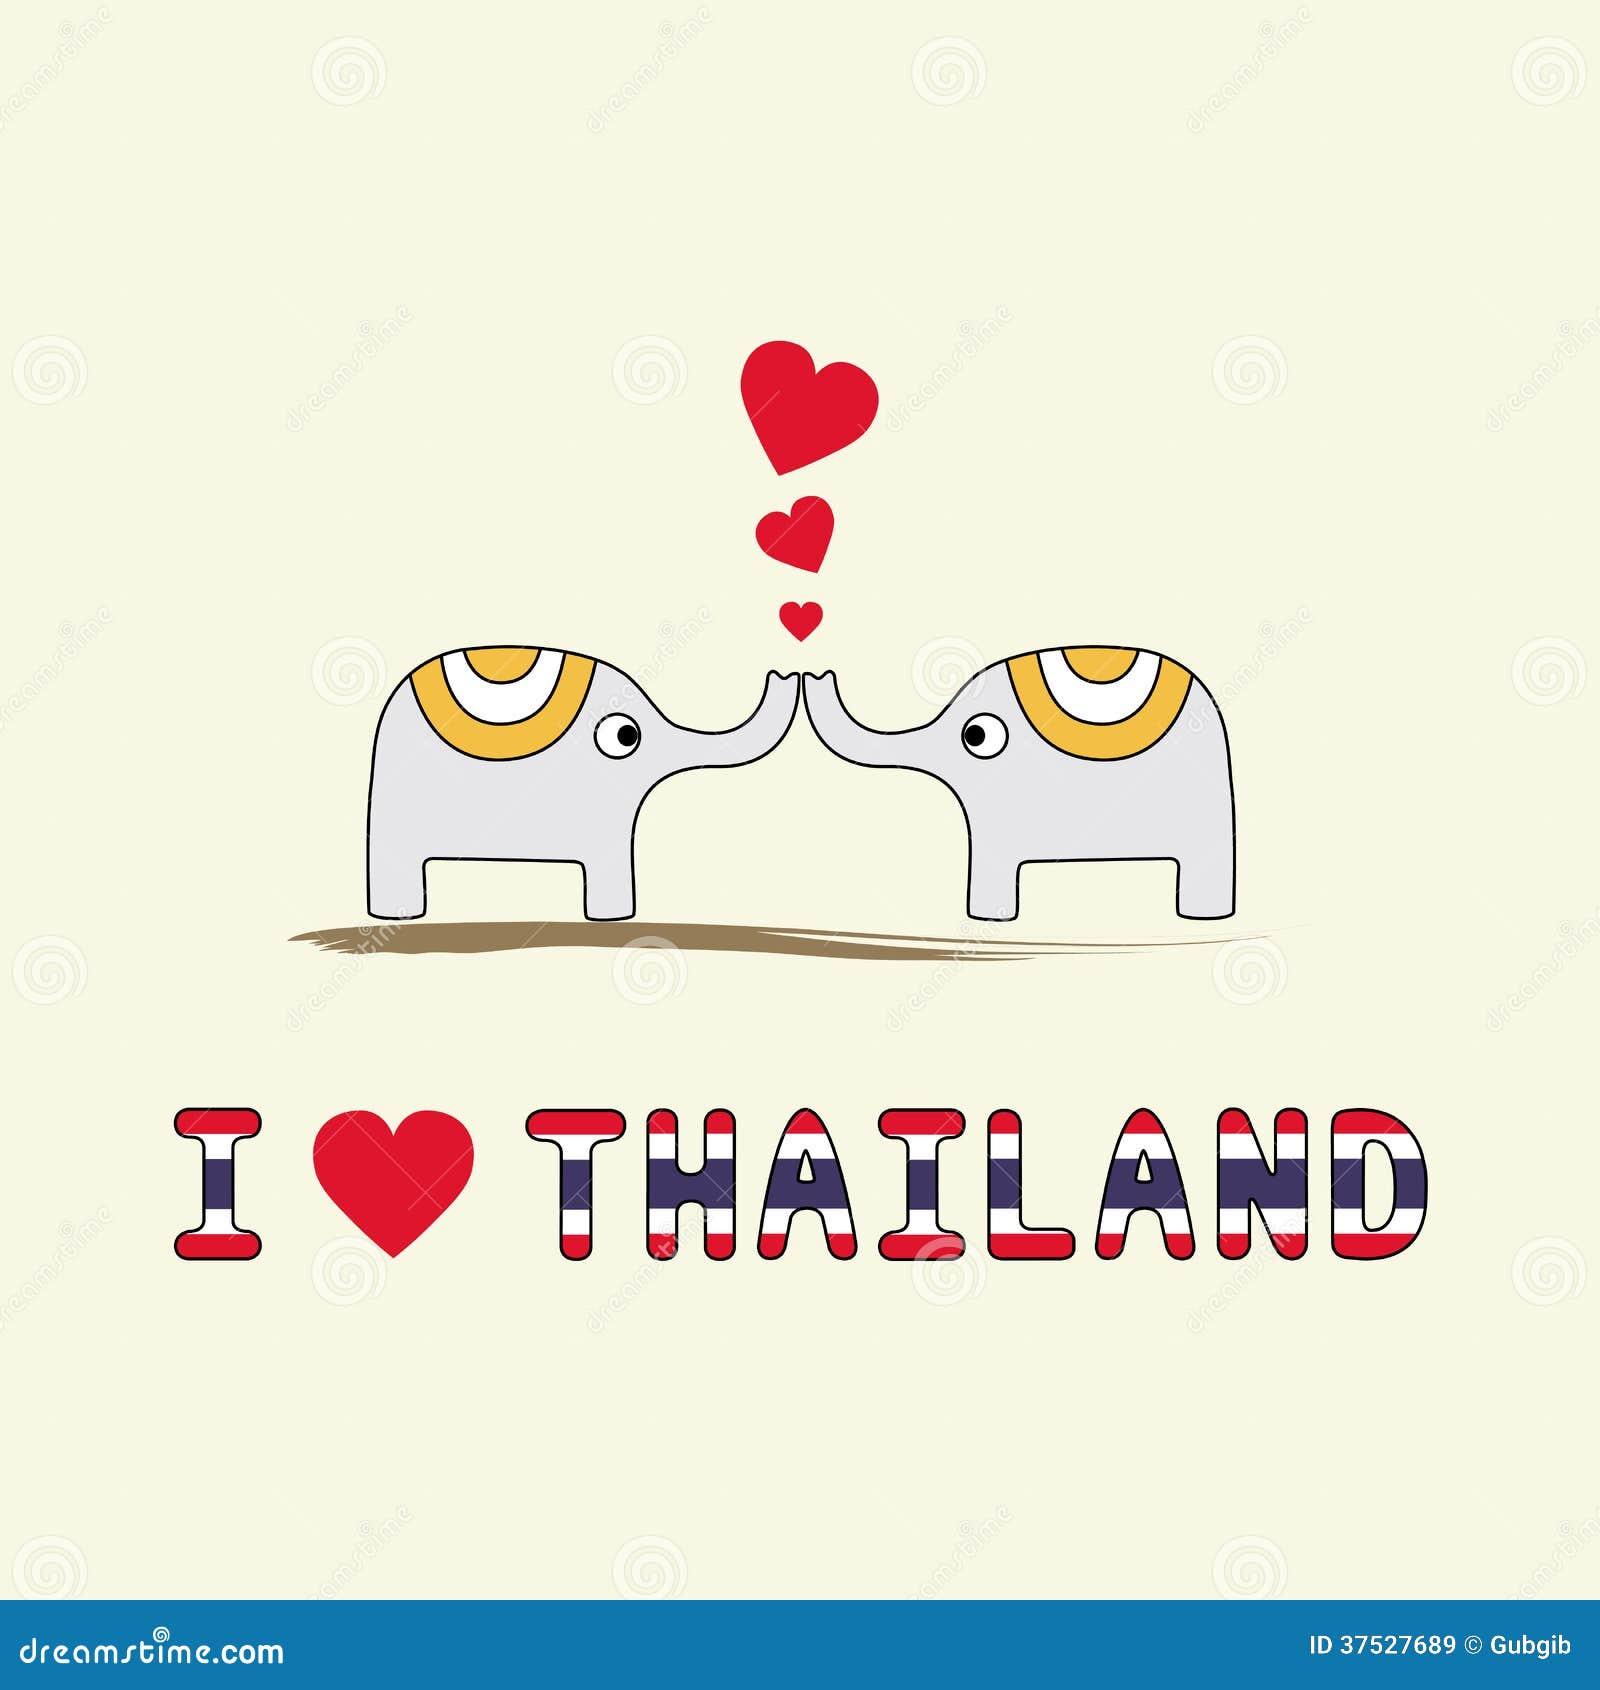 Me encantan los pulgares de coño tailandés